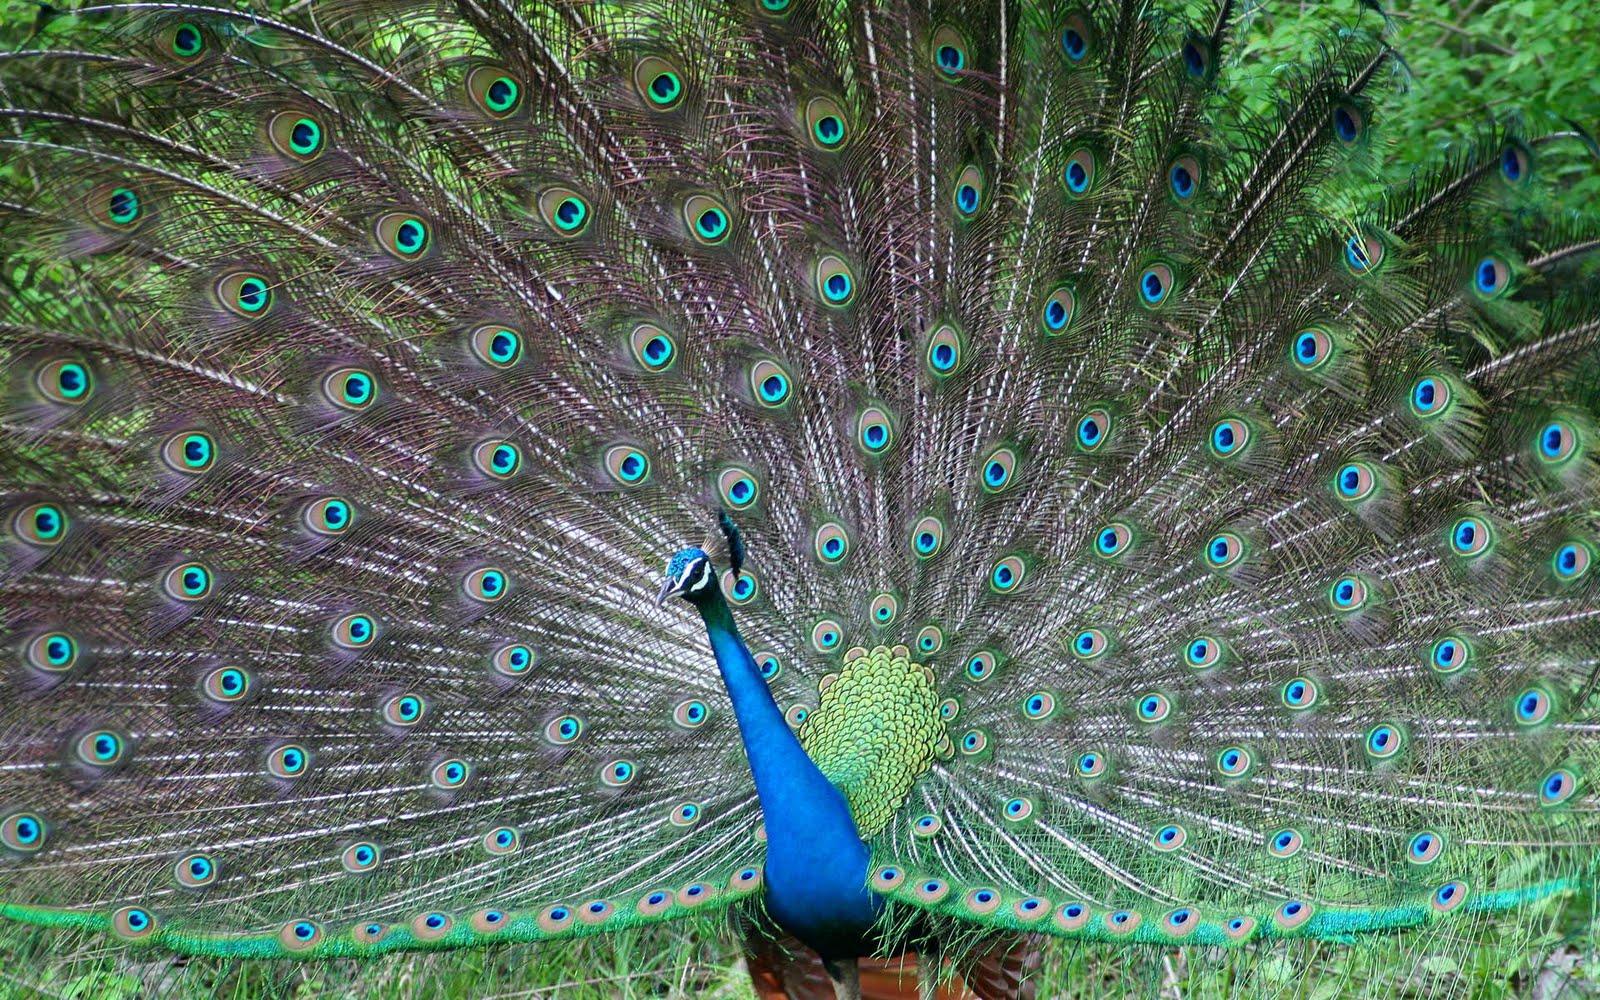 http://3.bp.blogspot.com/-9c75CEYo01k/Tlk0_IcjIxI/AAAAAAAADa4/9DUV3CZs918/s1600/Beautiful_bird_Desktop_wallpaper3.jpg